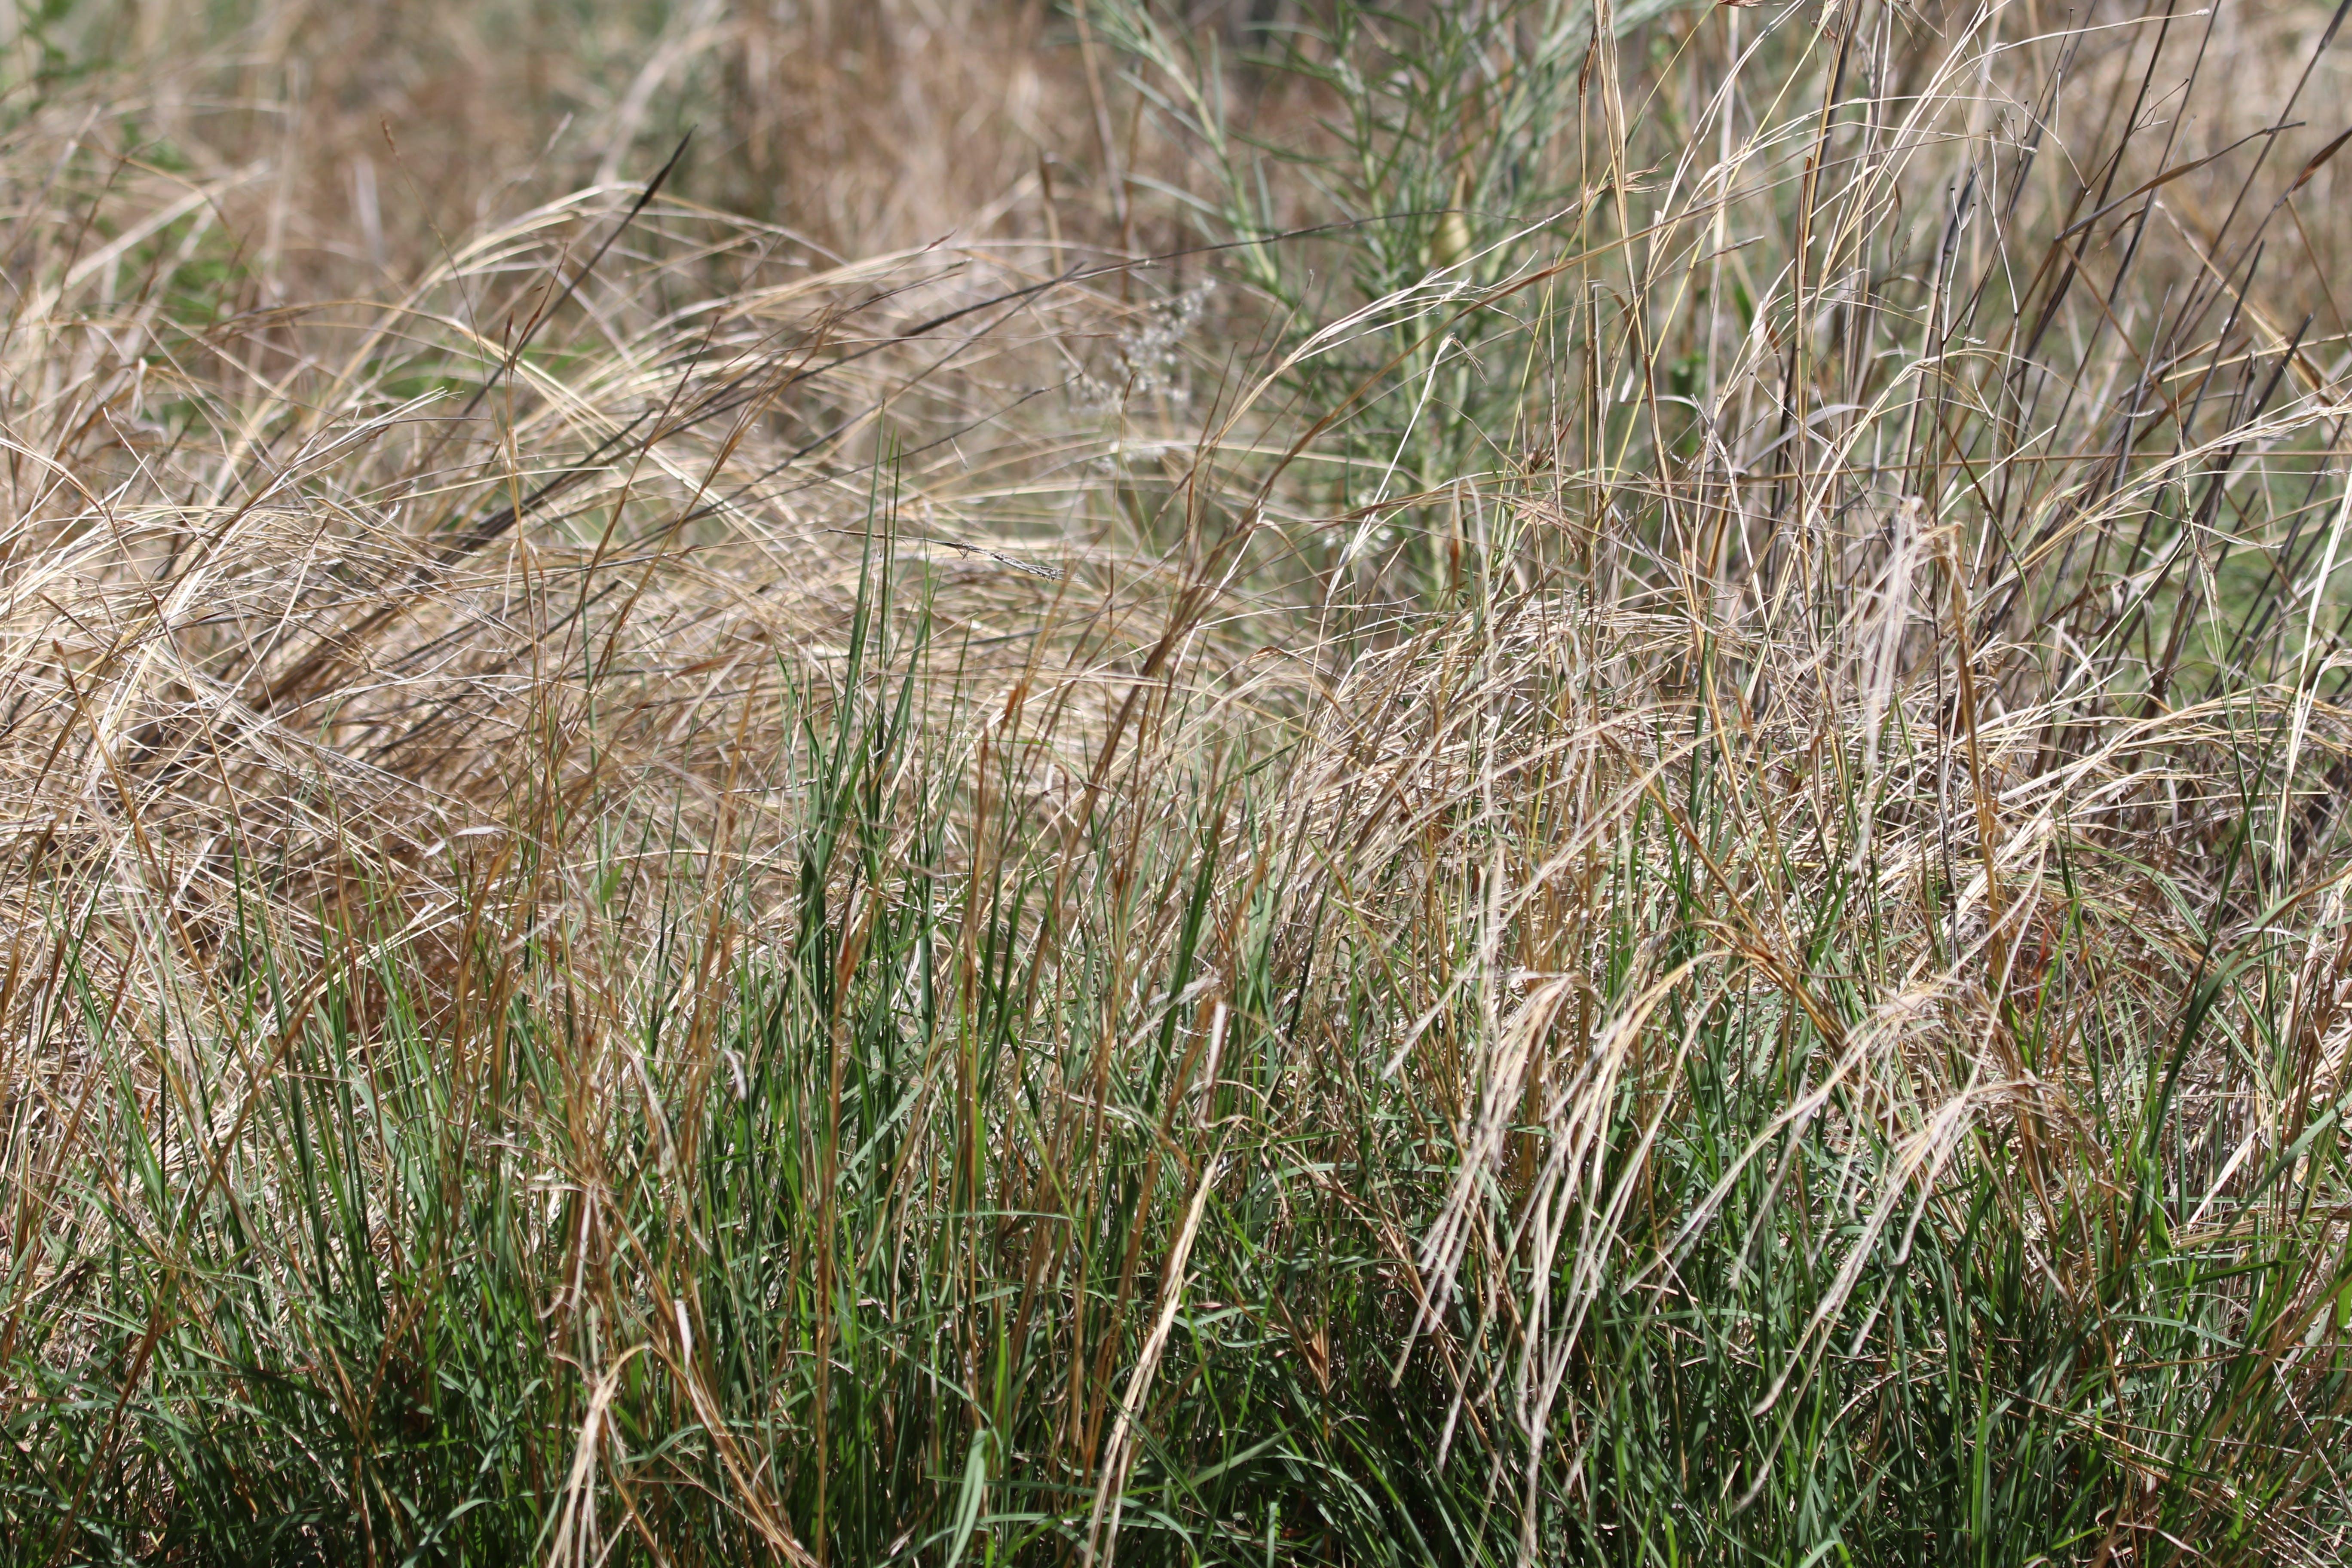 Focus Photography of Green Grass Field